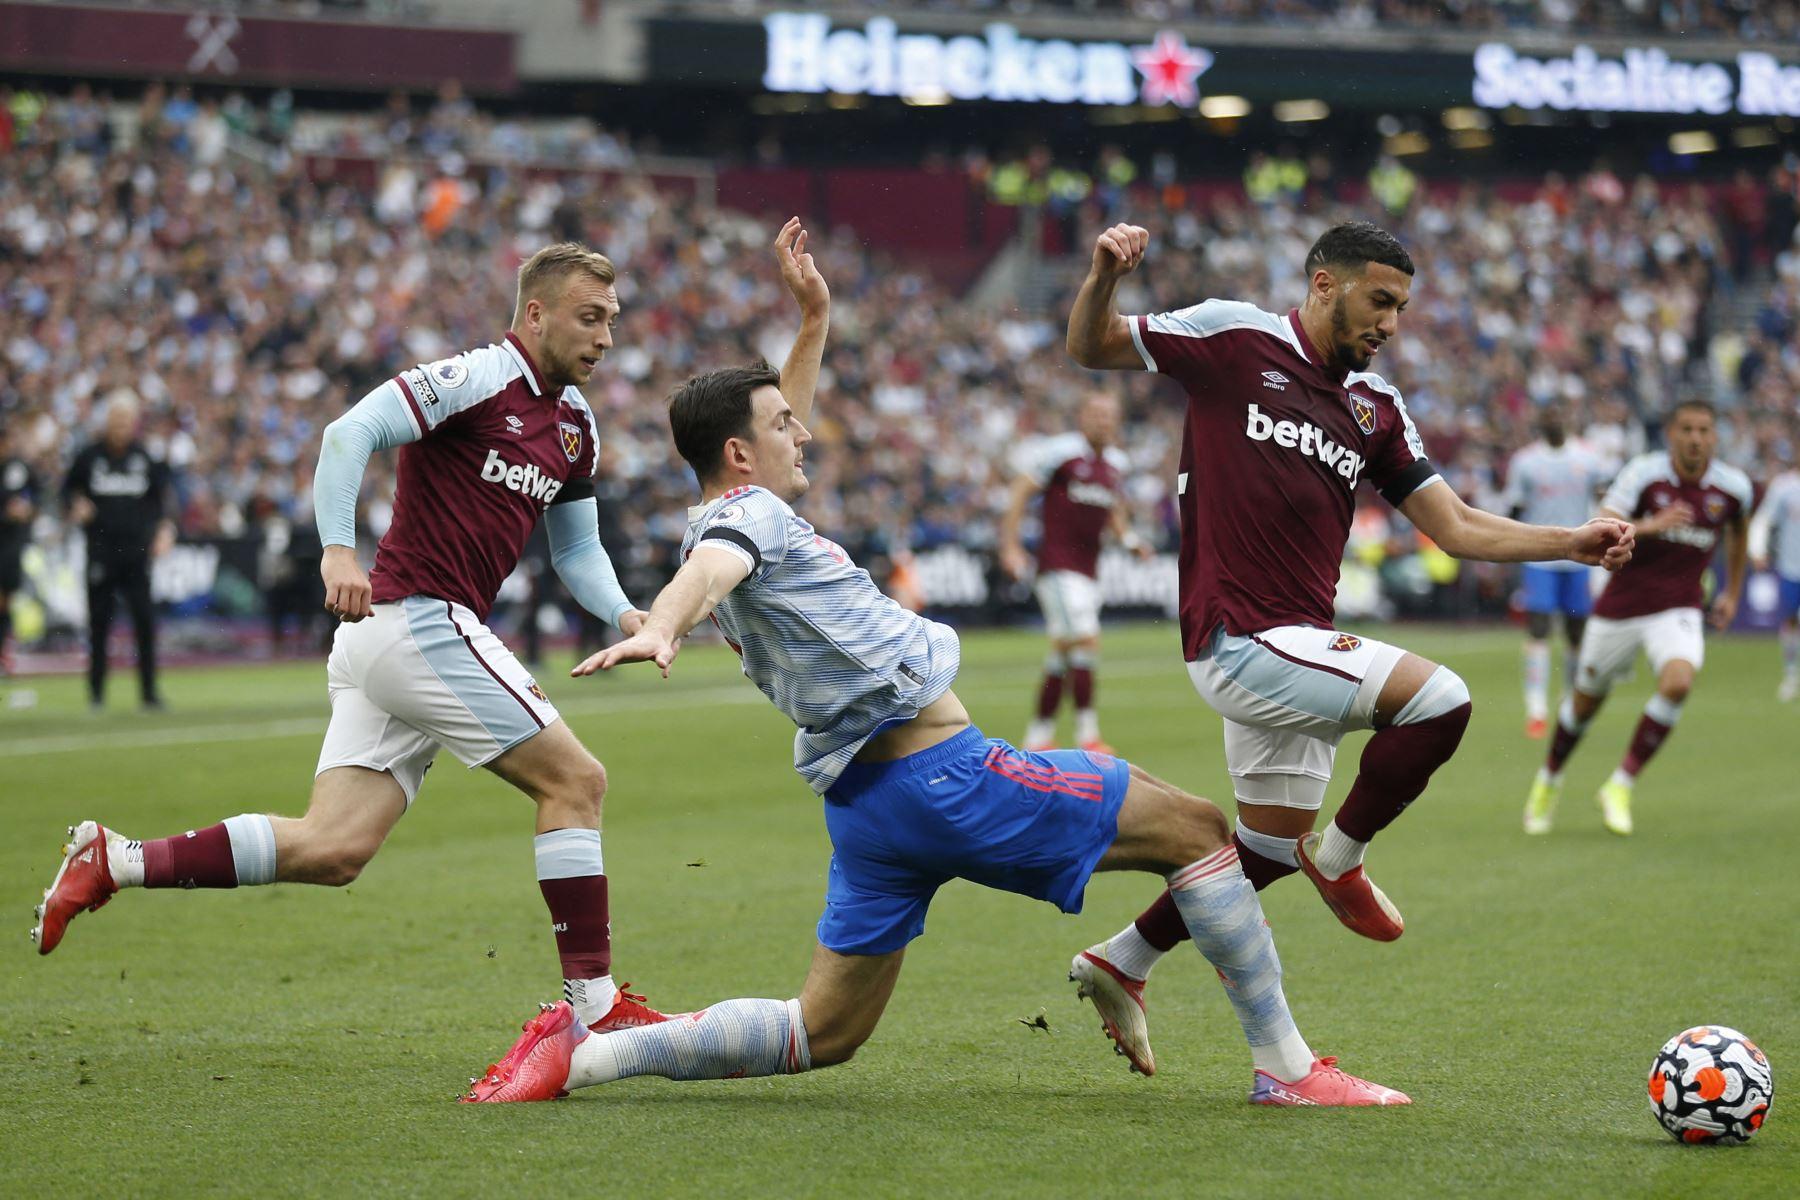 El centrocampista argelino del West Ham, Said Benrahma, disputa el balón ante el defensa inglés del Manchester United, Harry Maguire, durante el partido de la Premier League. Foto: AFP